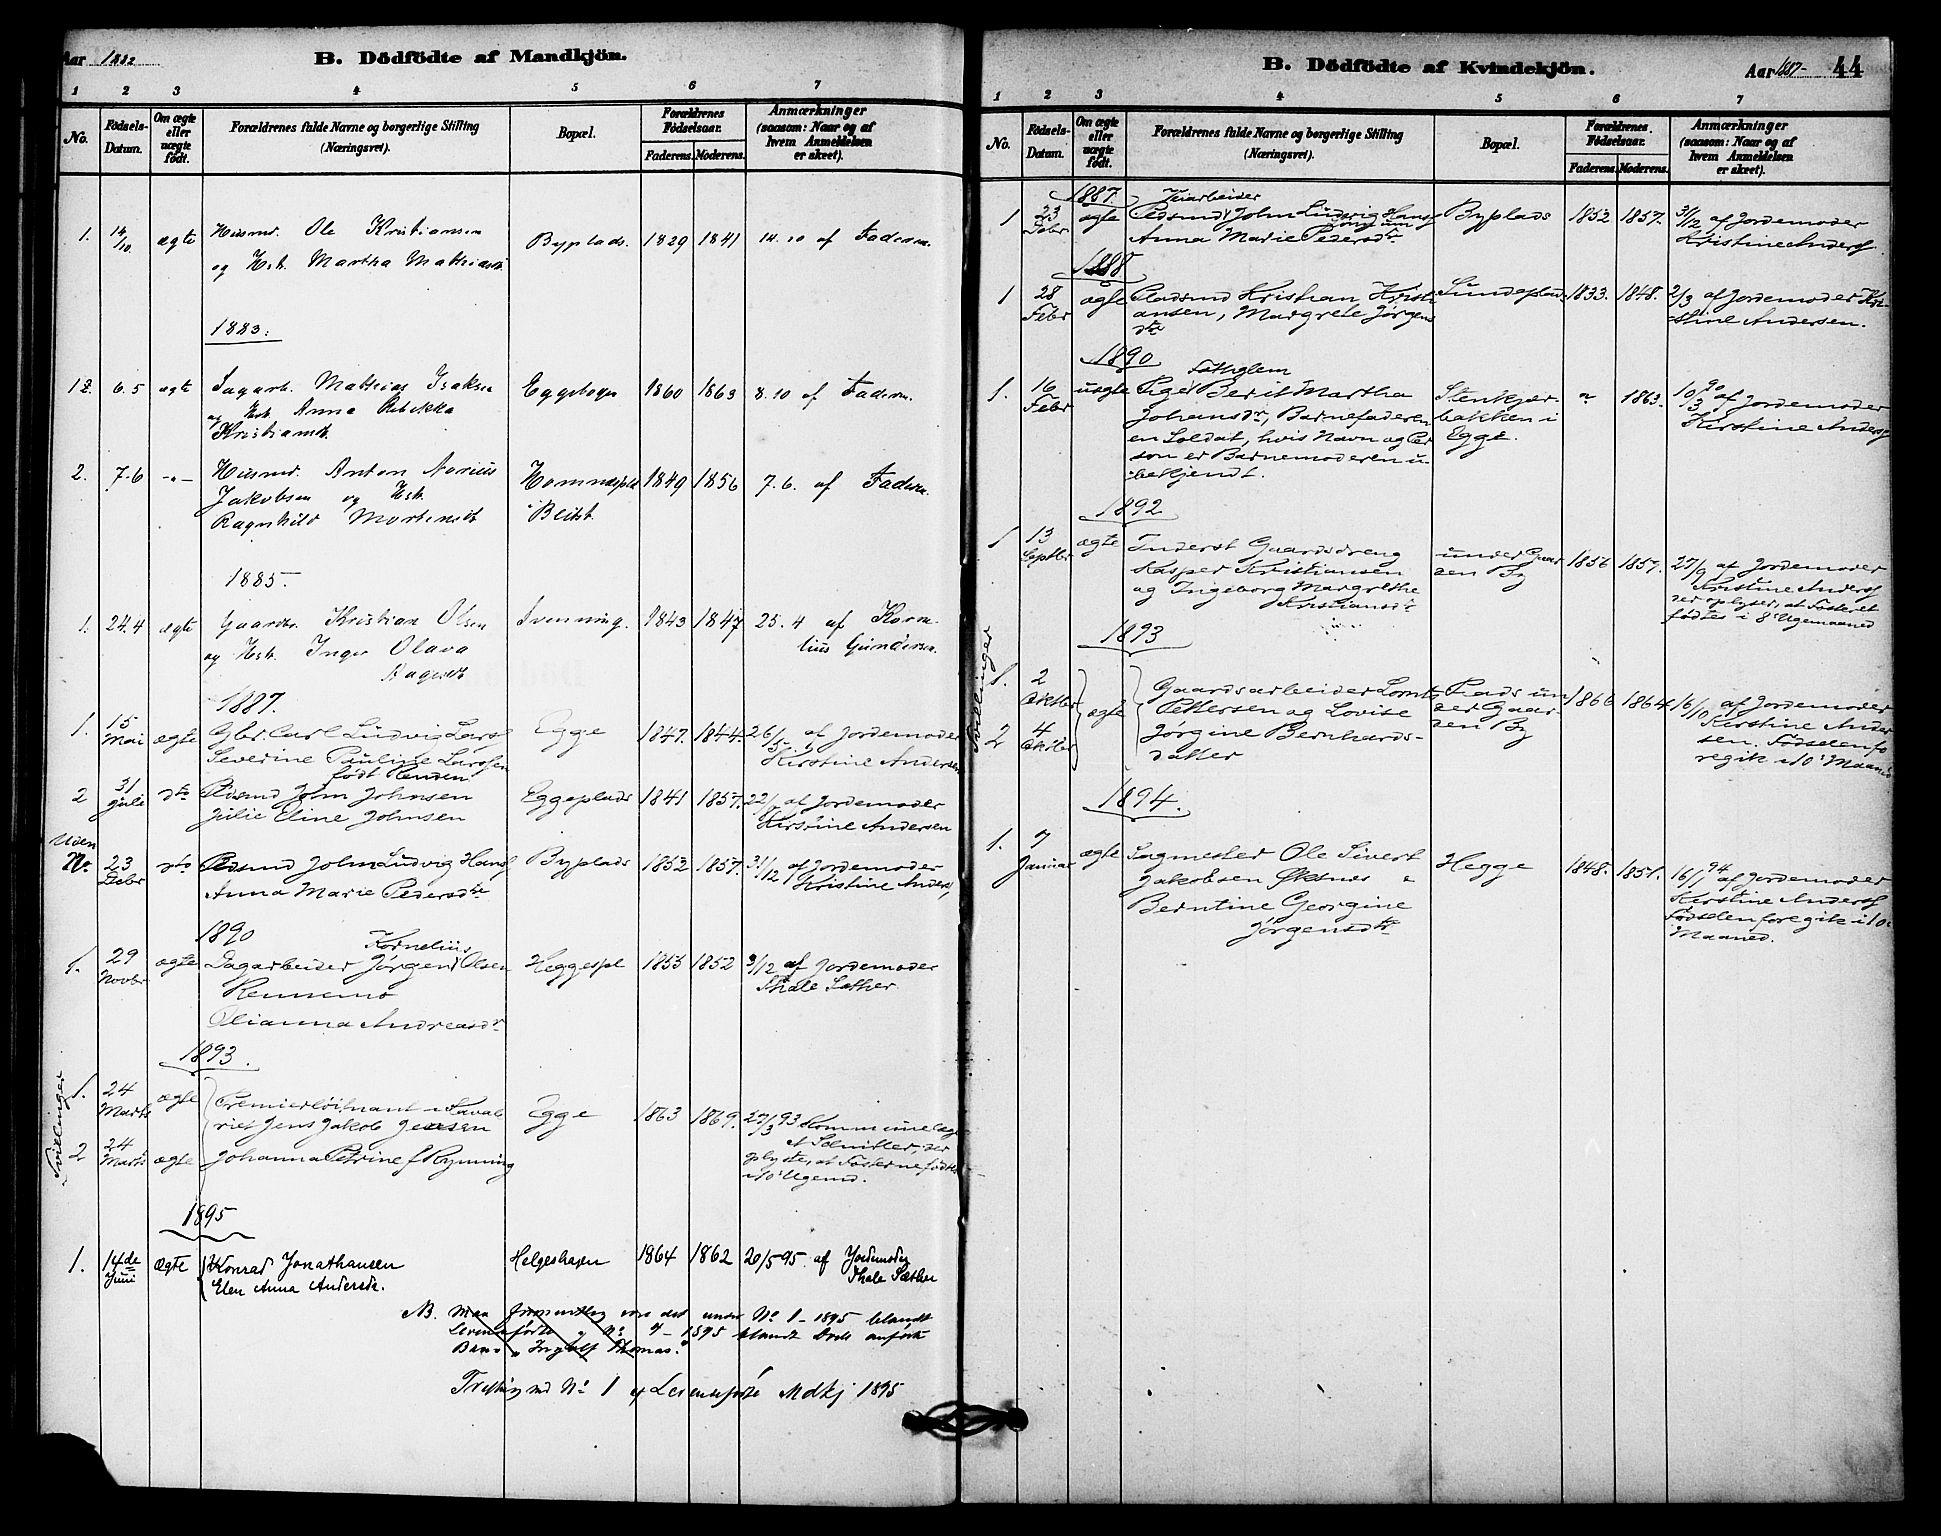 SAT, Ministerialprotokoller, klokkerbøker og fødselsregistre - Nord-Trøndelag, 740/L0378: Ministerialbok nr. 740A01, 1881-1895, s. 44